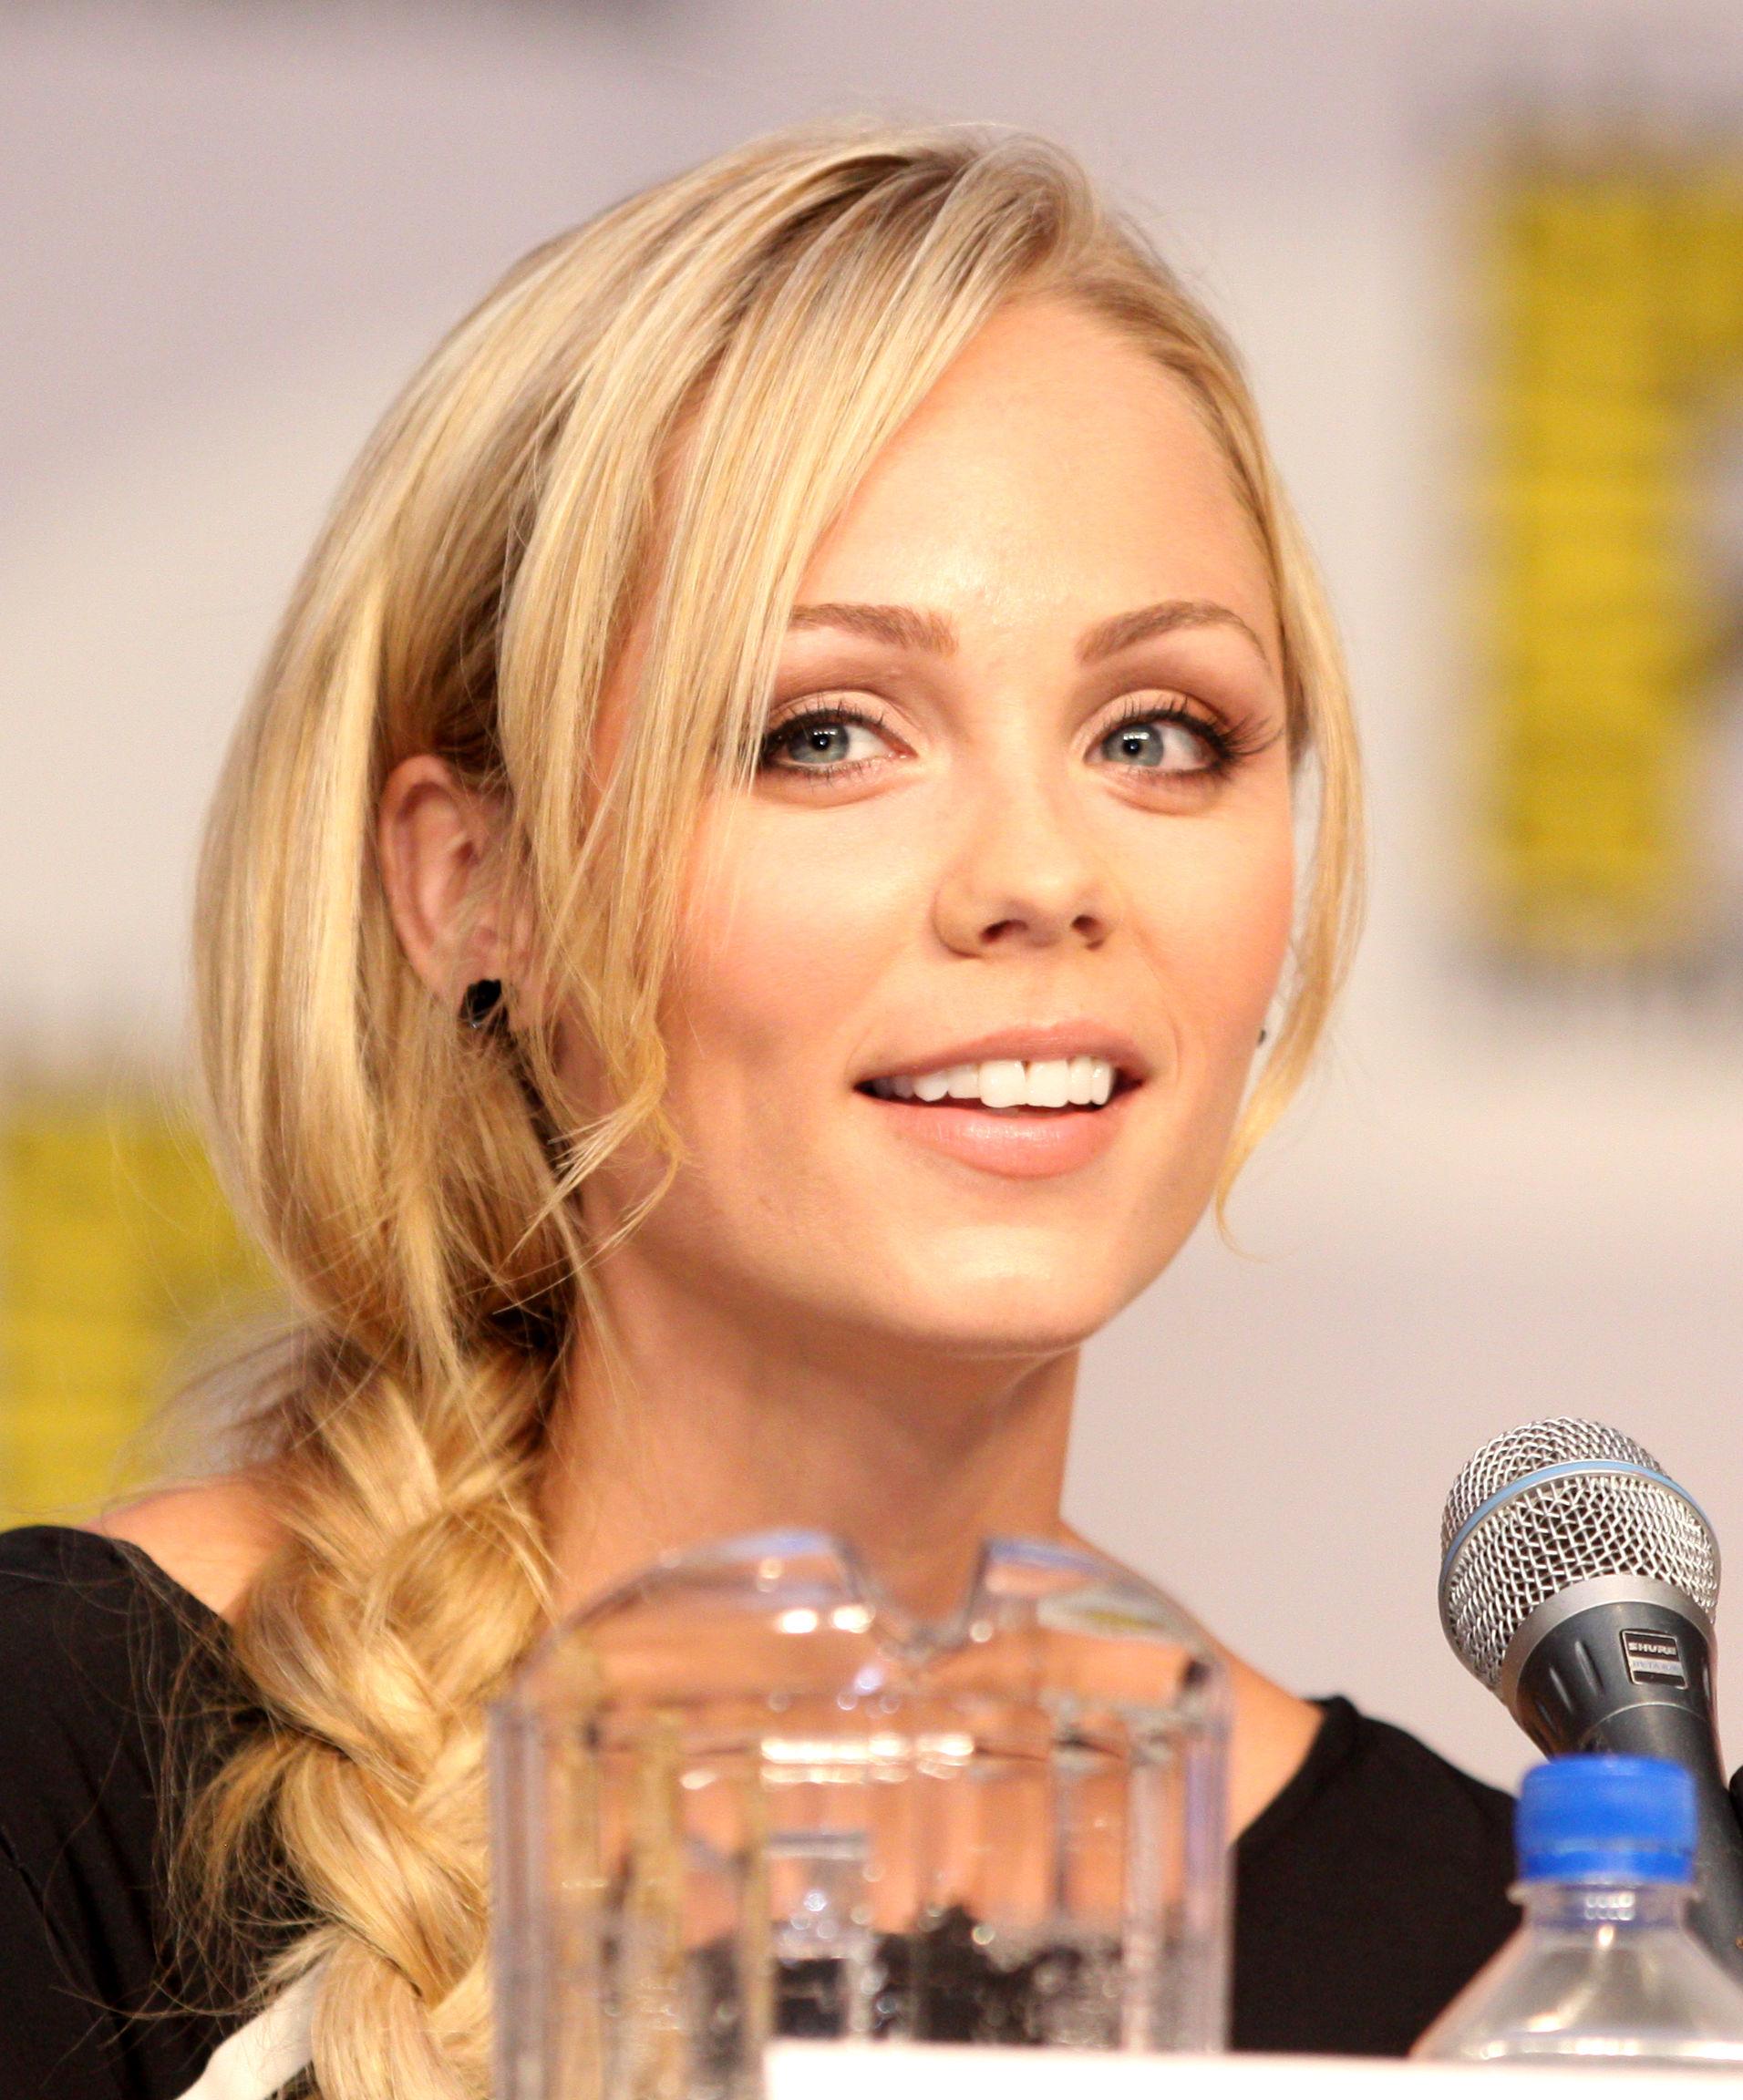 Photo of Laura Vandervoort: Canadian actress